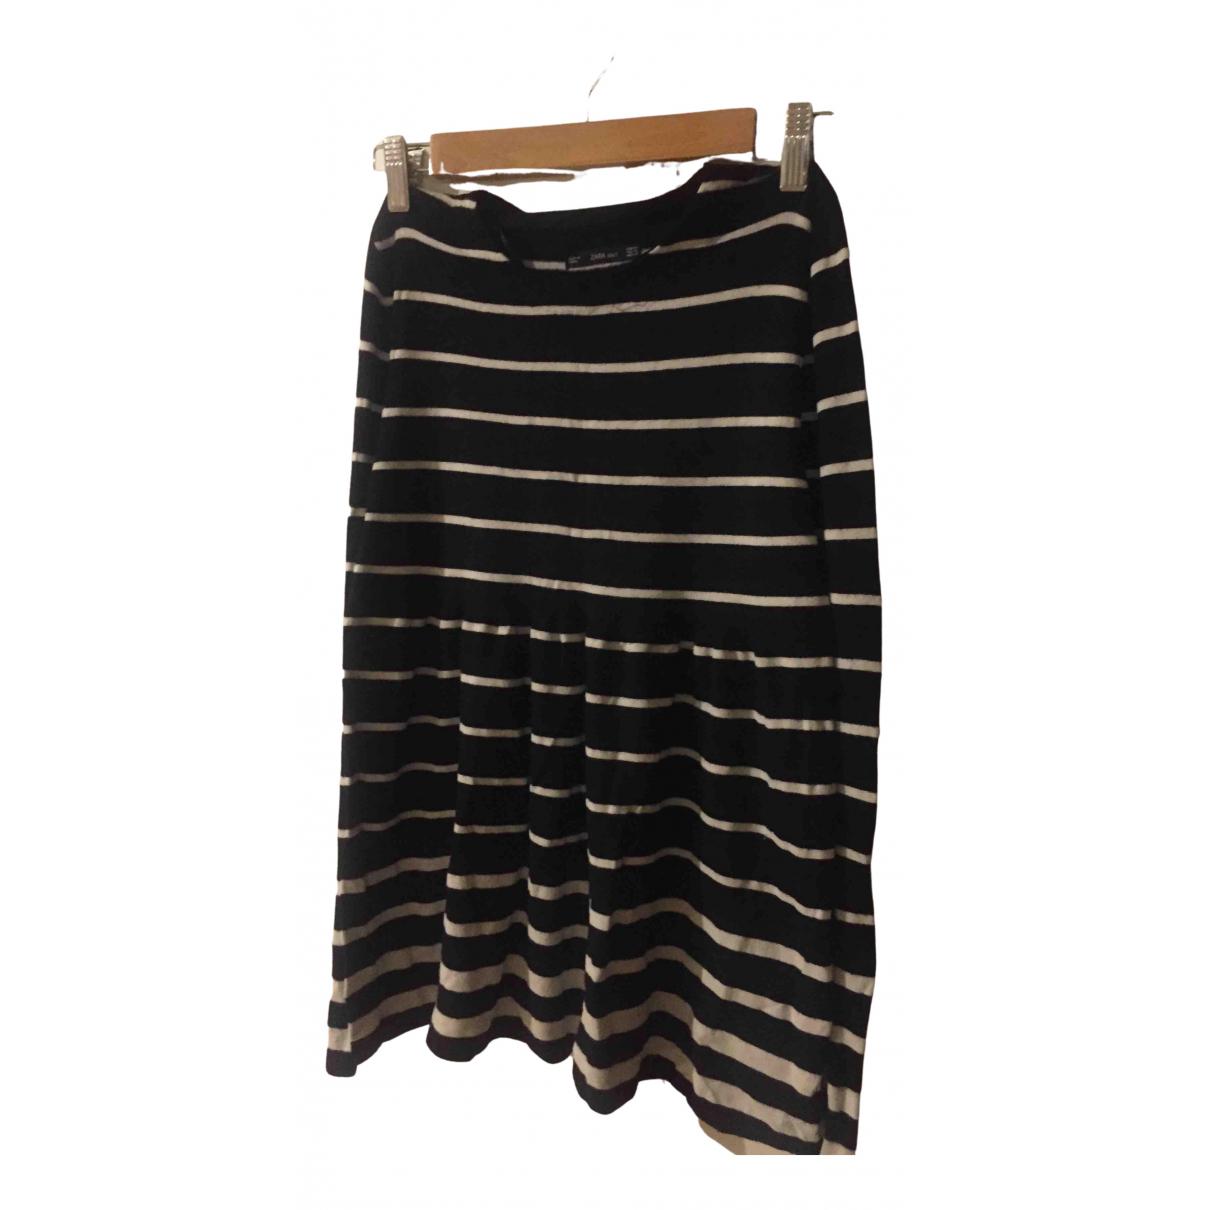 Zara \N Black Knitwear for Women M International